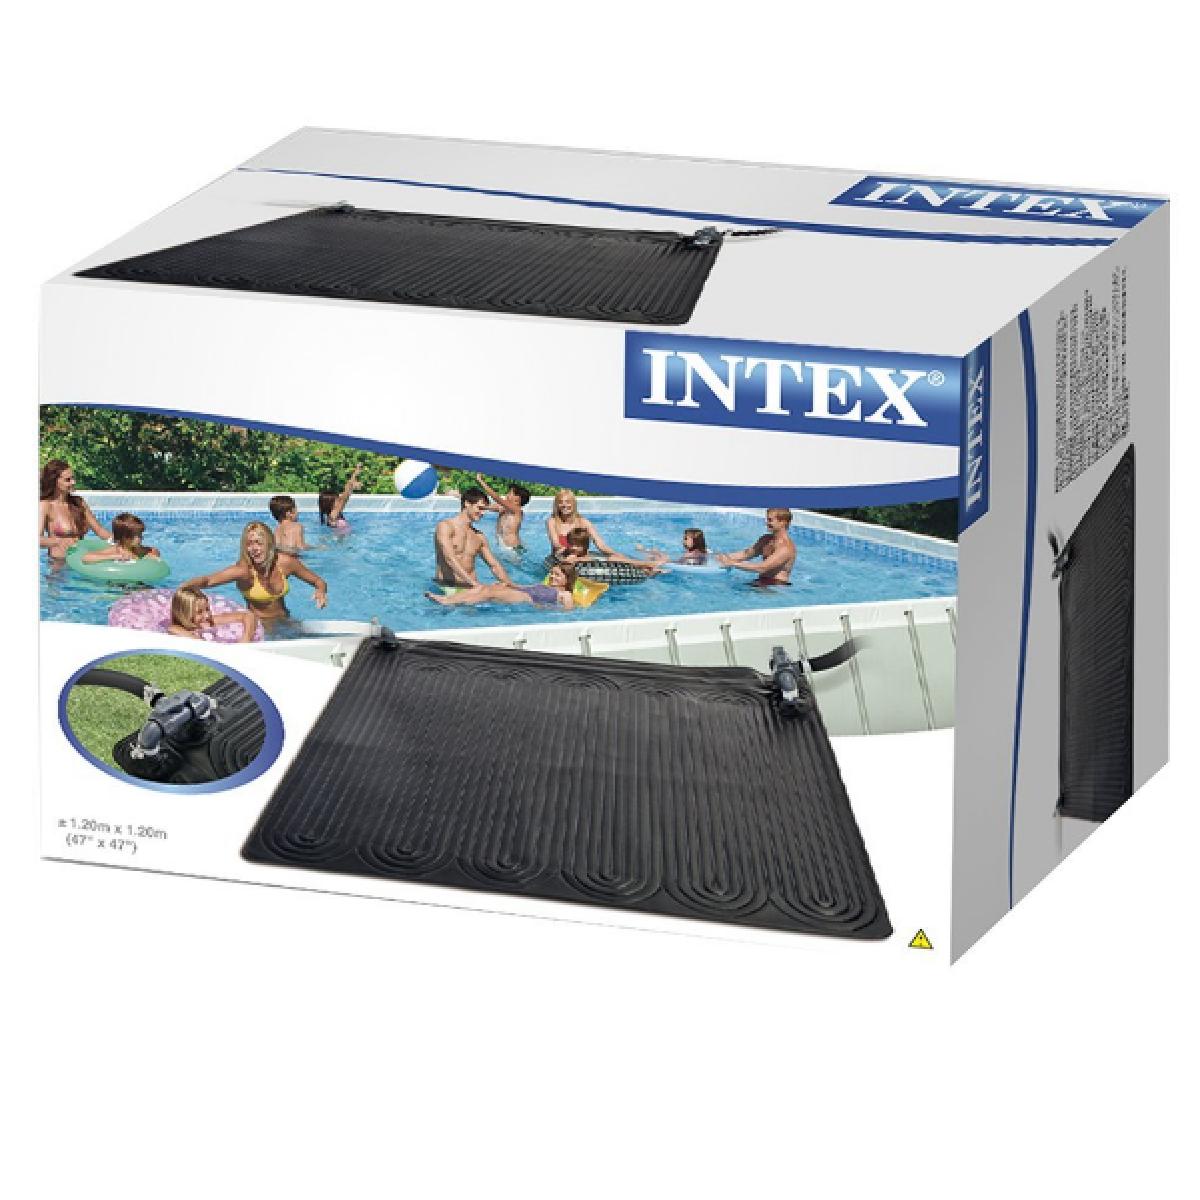 cadeaux 2 ouf id es de cadeaux insolites et originaux chauffez votre piscine hors sol avec. Black Bedroom Furniture Sets. Home Design Ideas